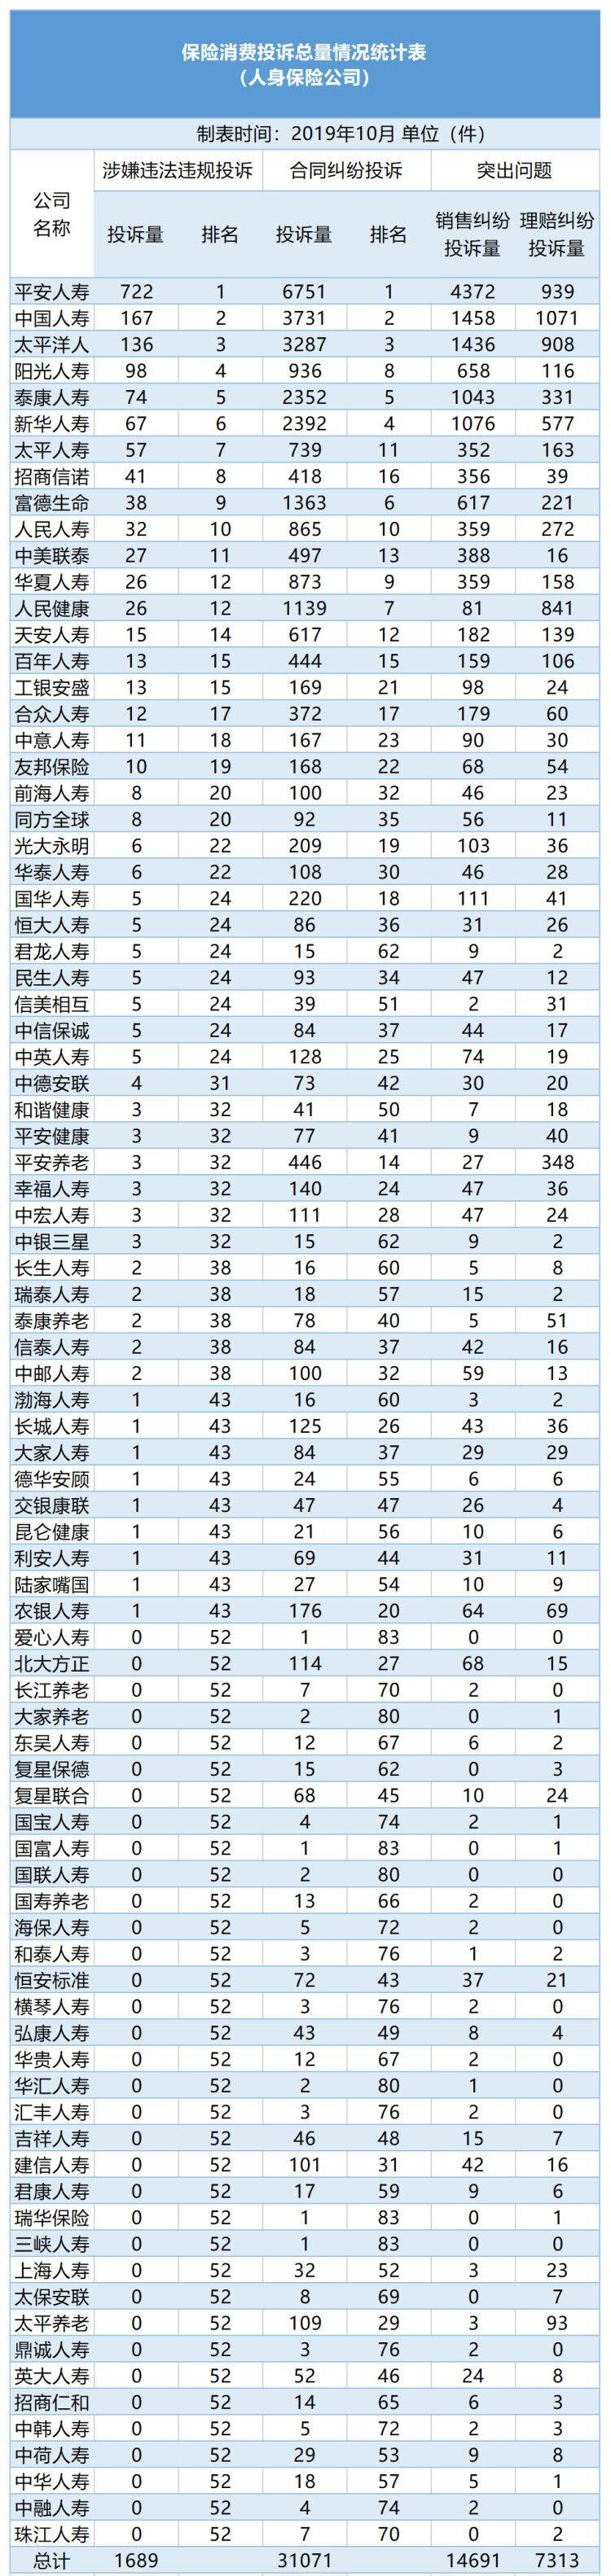 下载新巴黎人·日本队将获1200万美元世界杯奖金 冠军是其3倍多